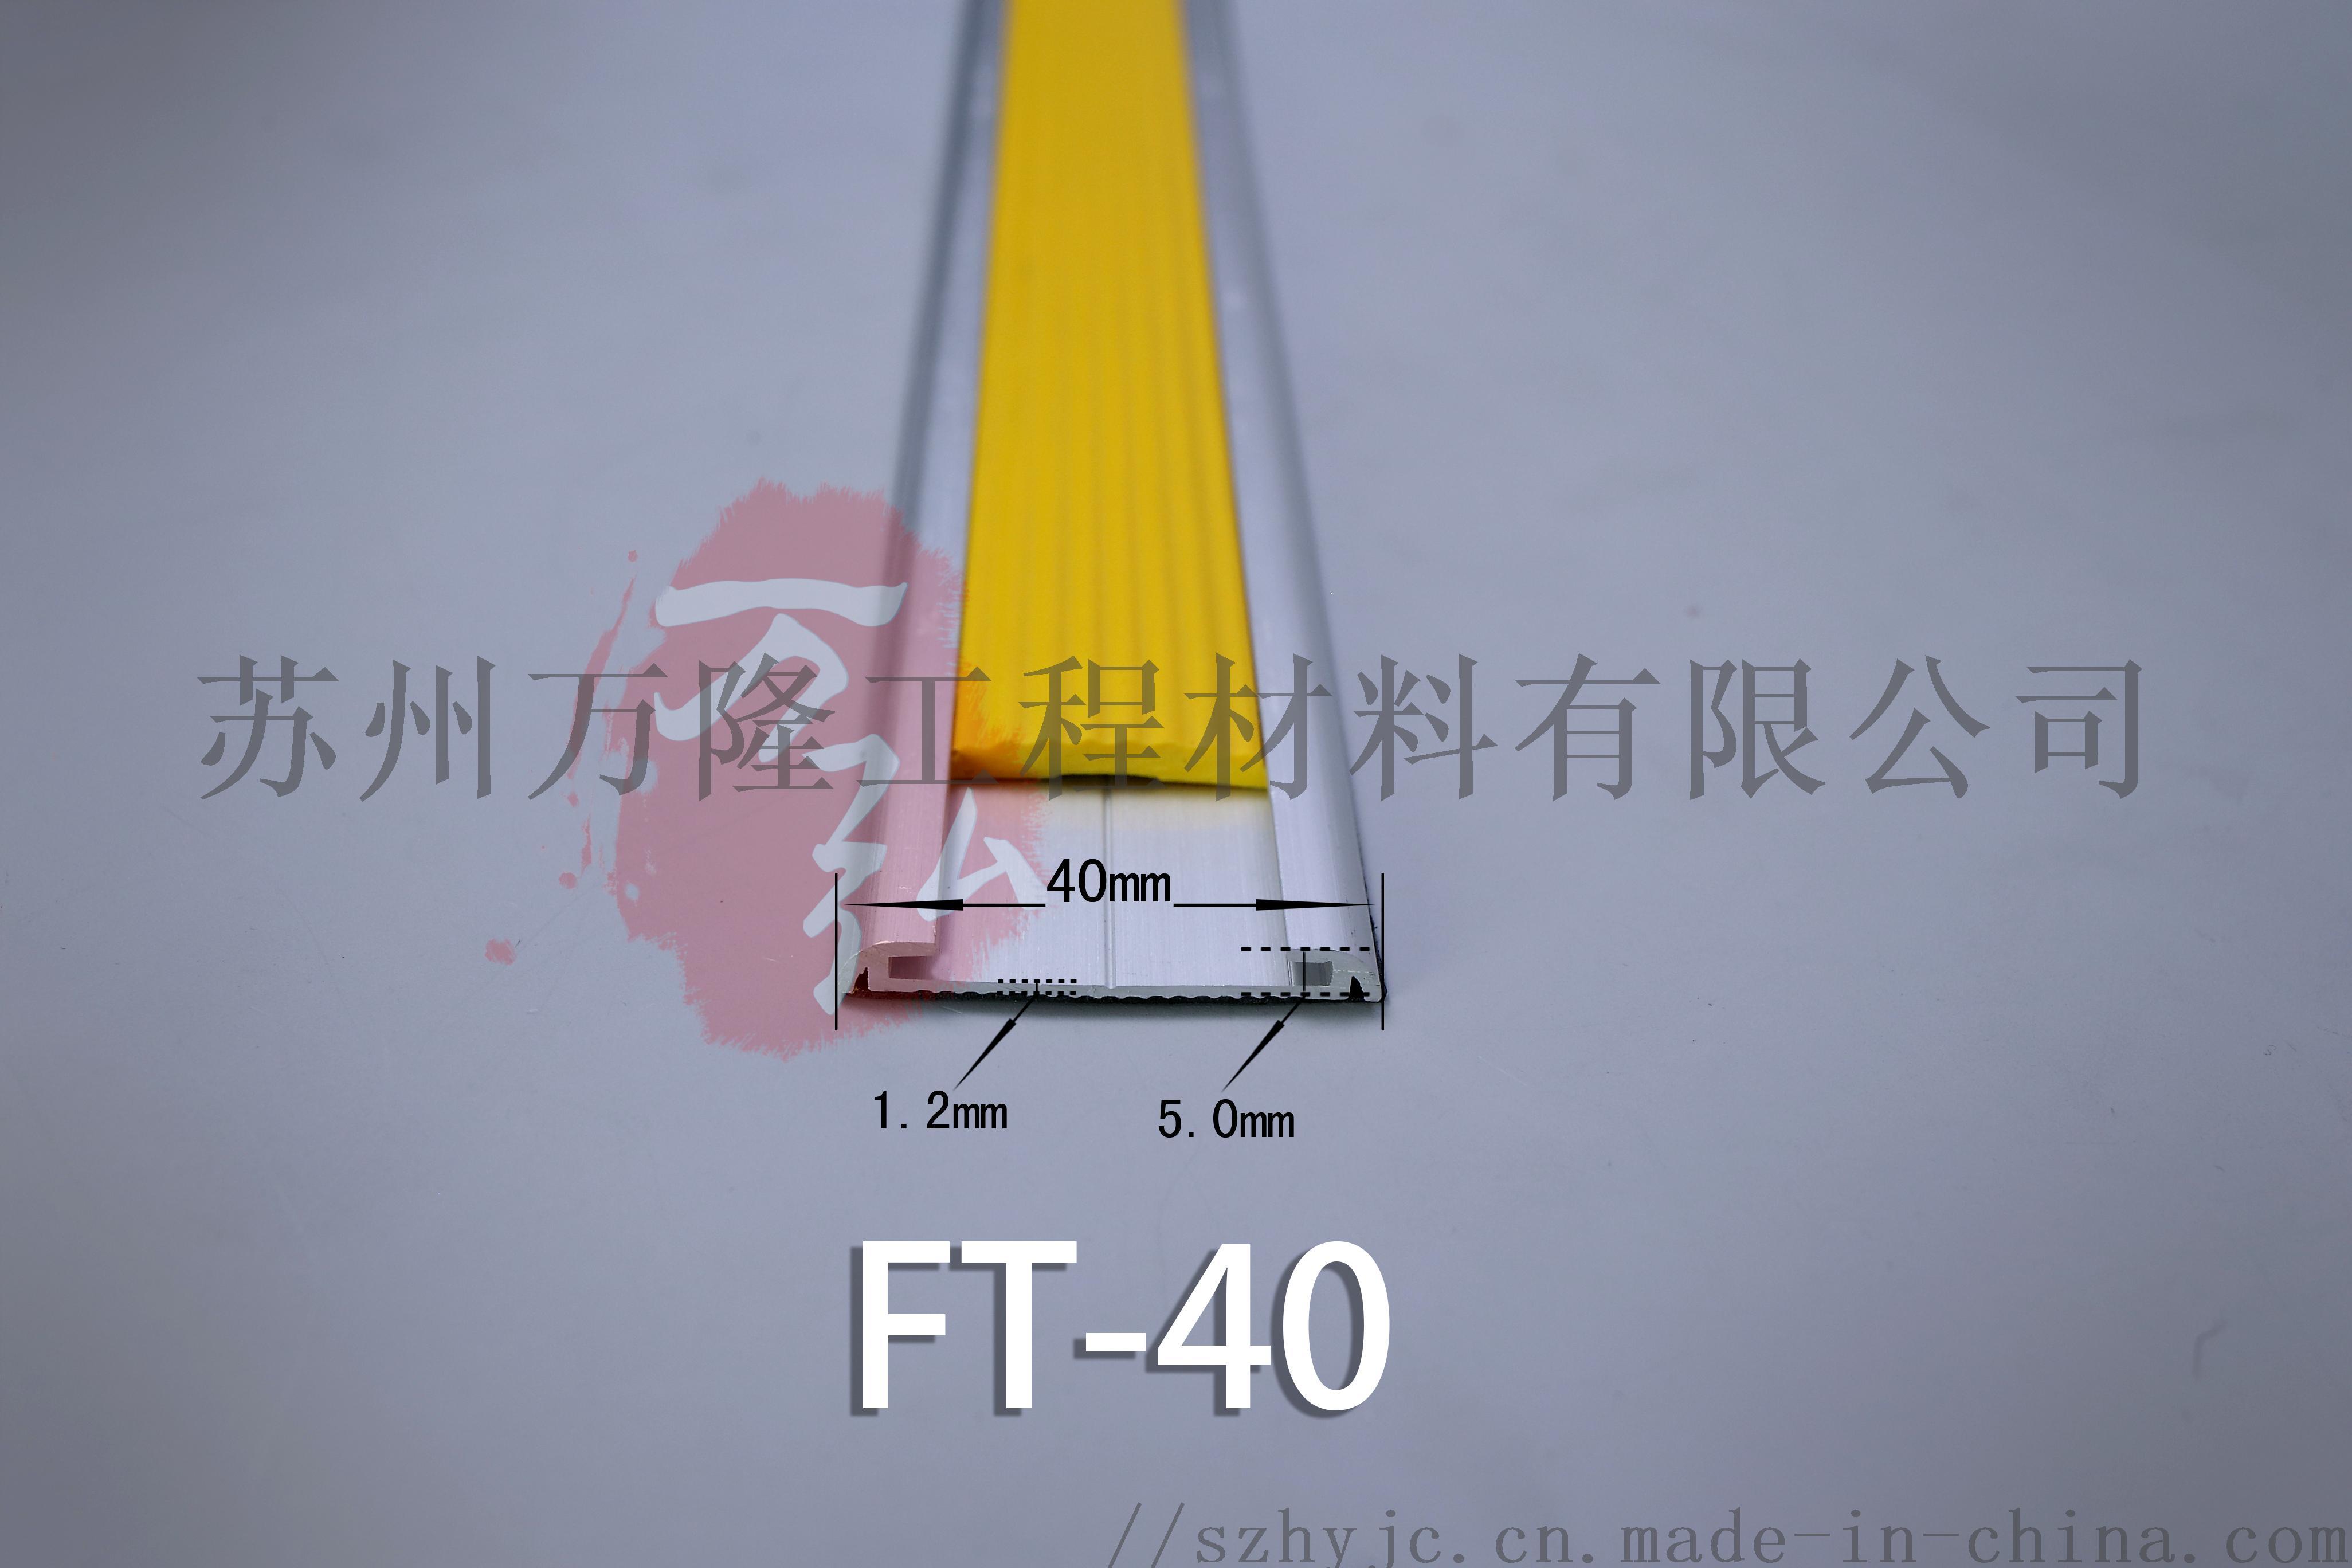 楼梯防滑条种类,铝合金楼梯,踏步防滑条安装方法896369705